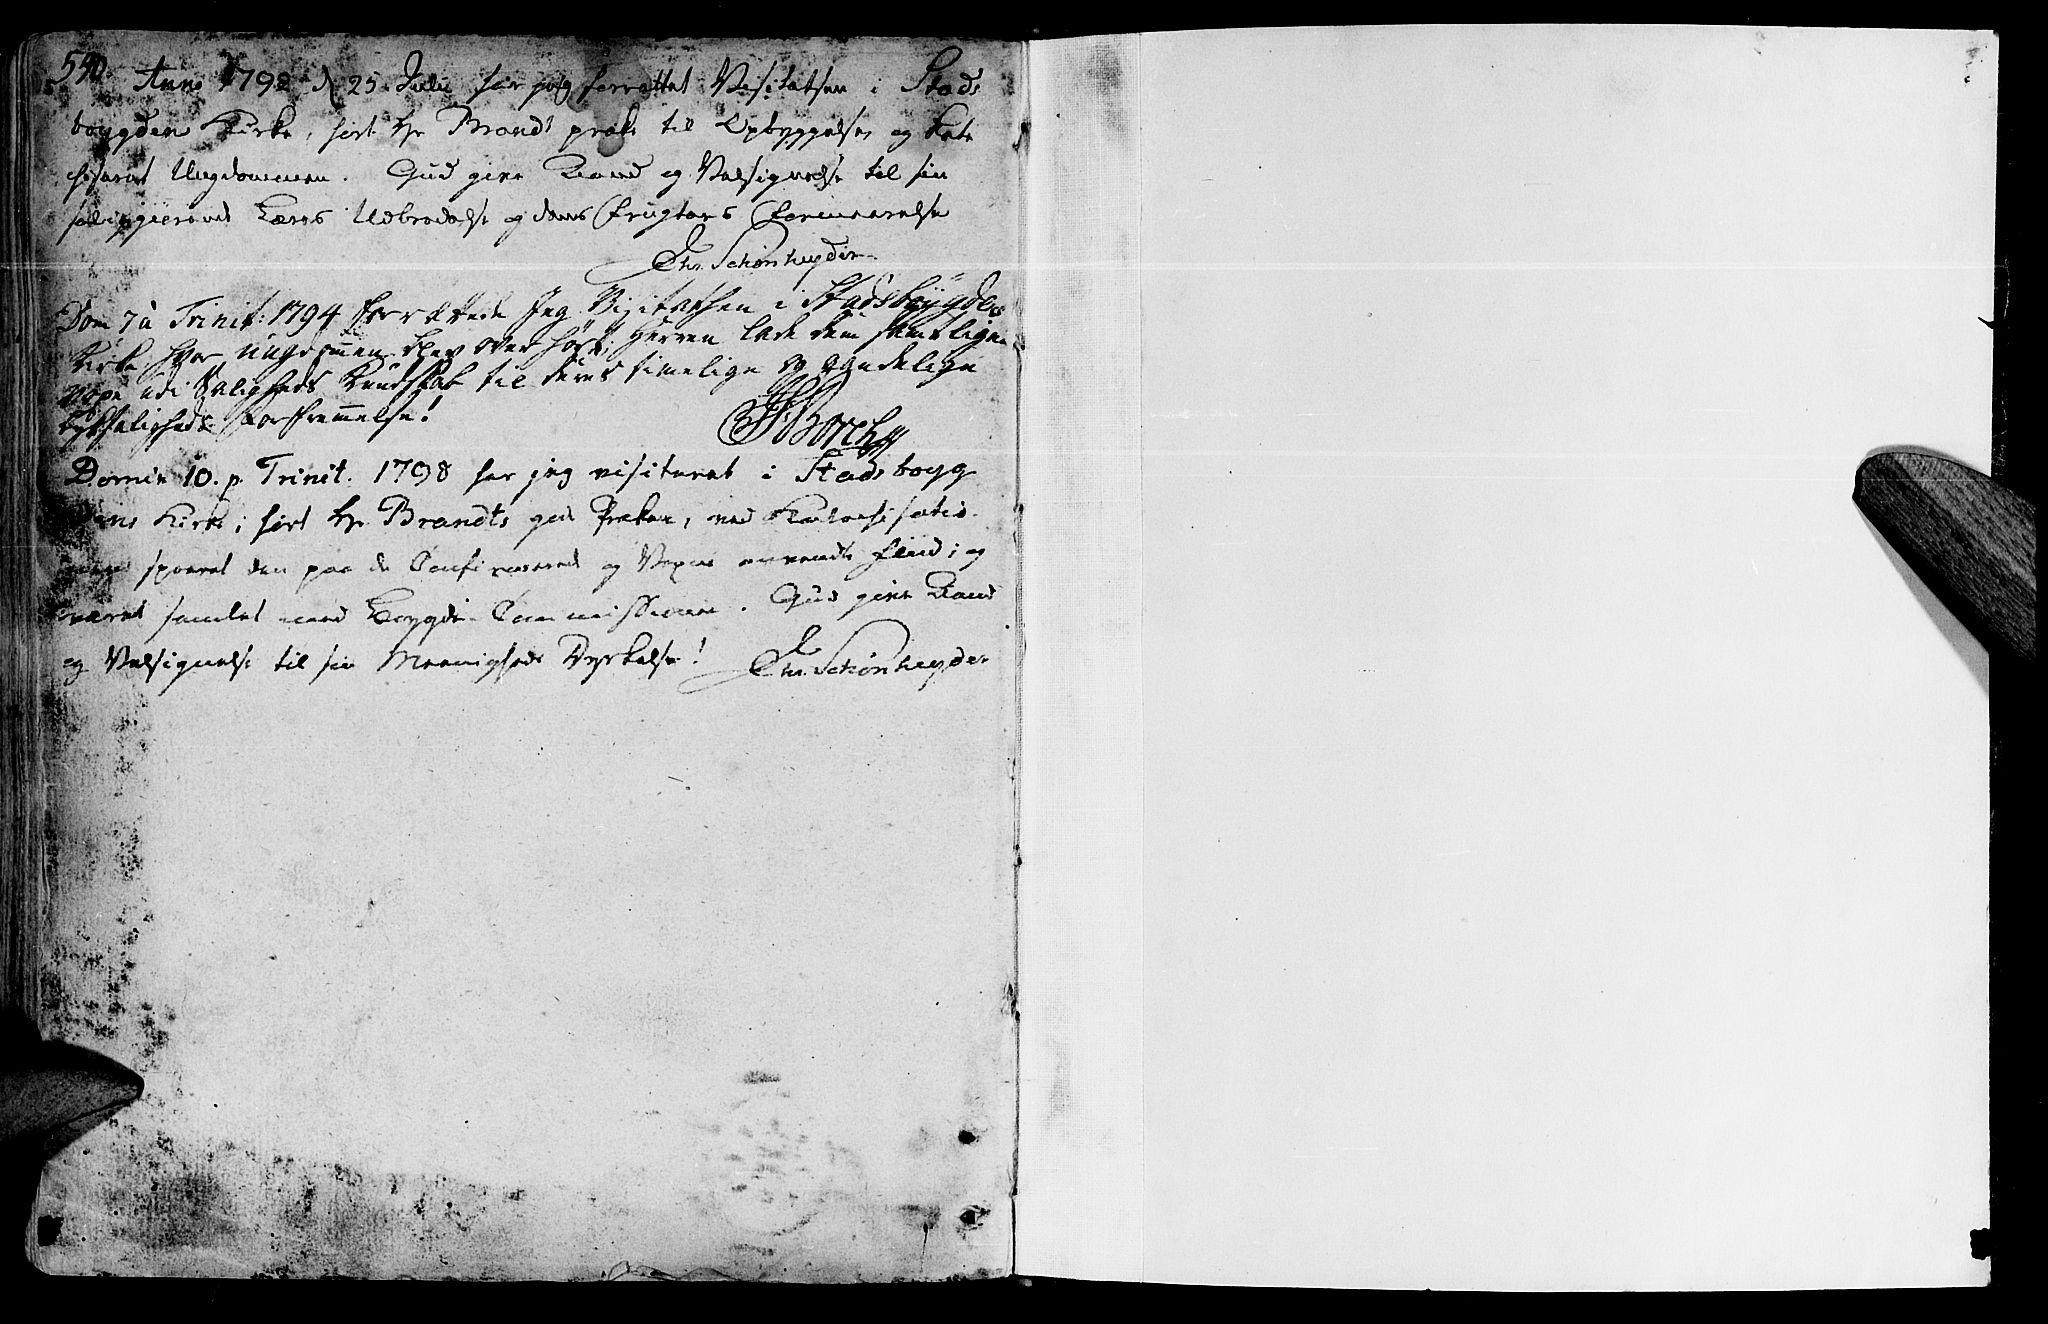 SAT, Ministerialprotokoller, klokkerbøker og fødselsregistre - Sør-Trøndelag, 646/L0606: Ministerialbok nr. 646A04, 1791-1805, s. 540-541